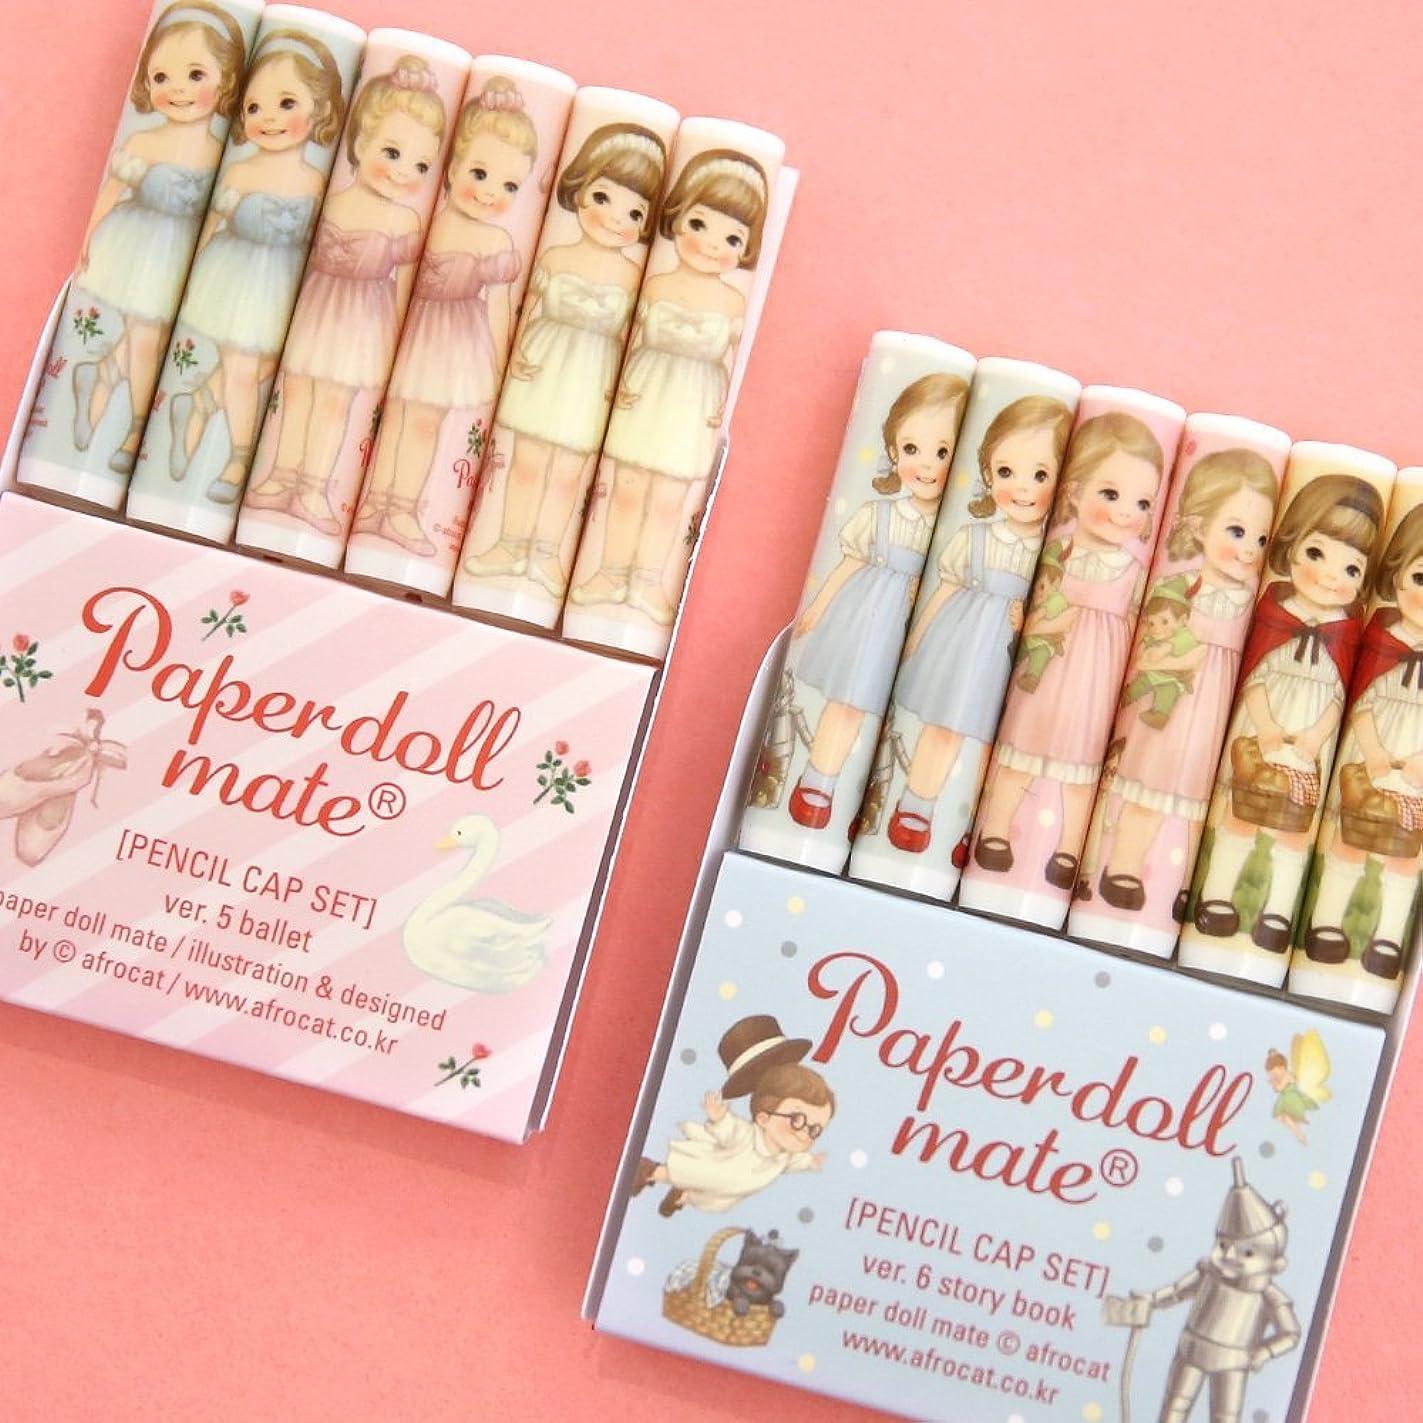 スリラー依存する羨望ペーパードールメイト ペンシルキャップ paper doll mate pencil cap ver.5 ballet / ver.6 story book (ver.5 ballet)